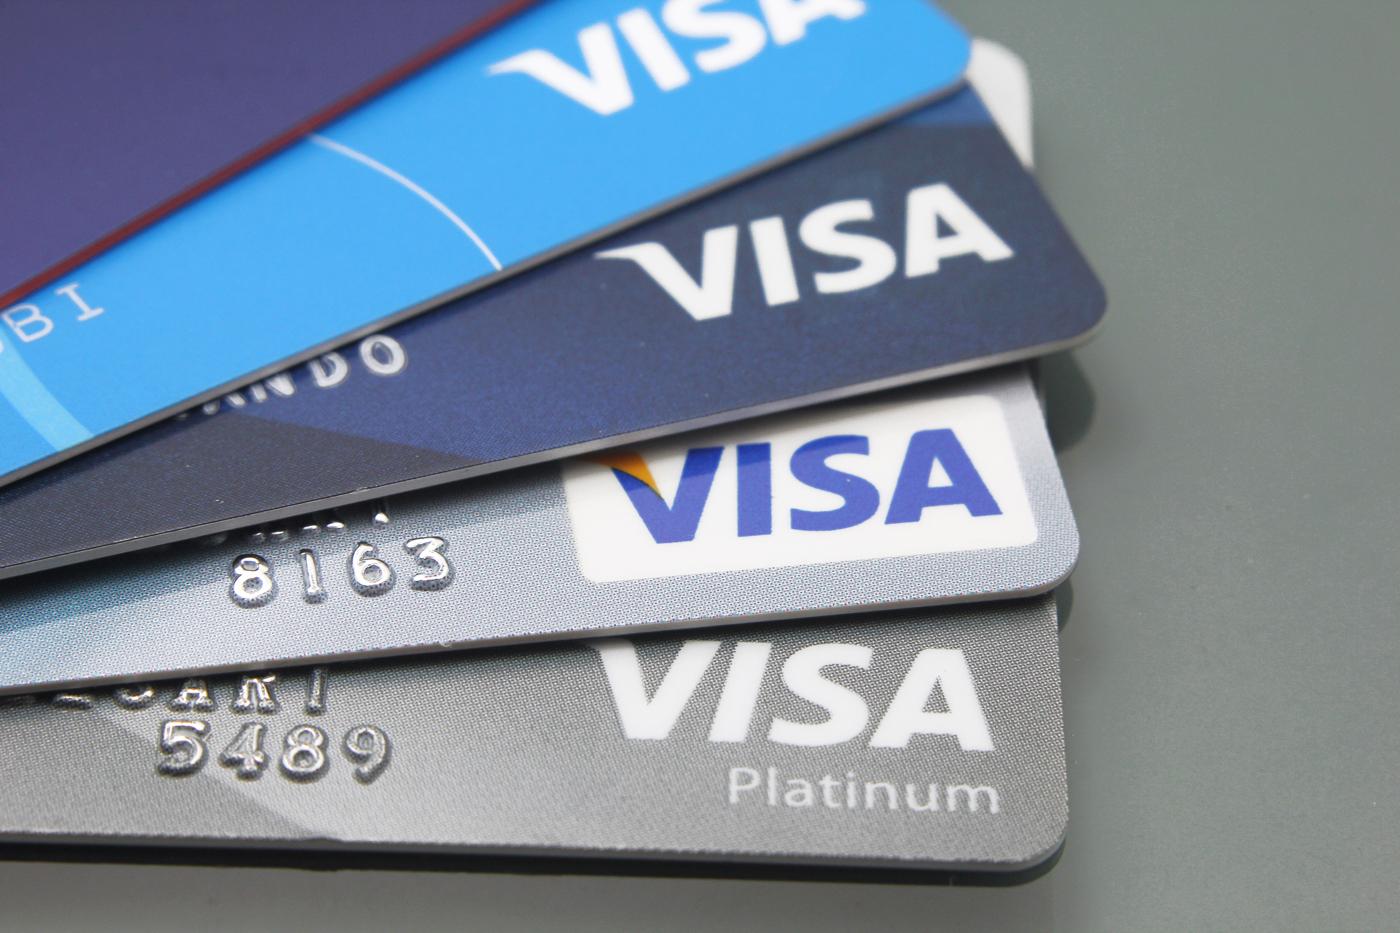 Visa Stock, V stock, Credit card stocks